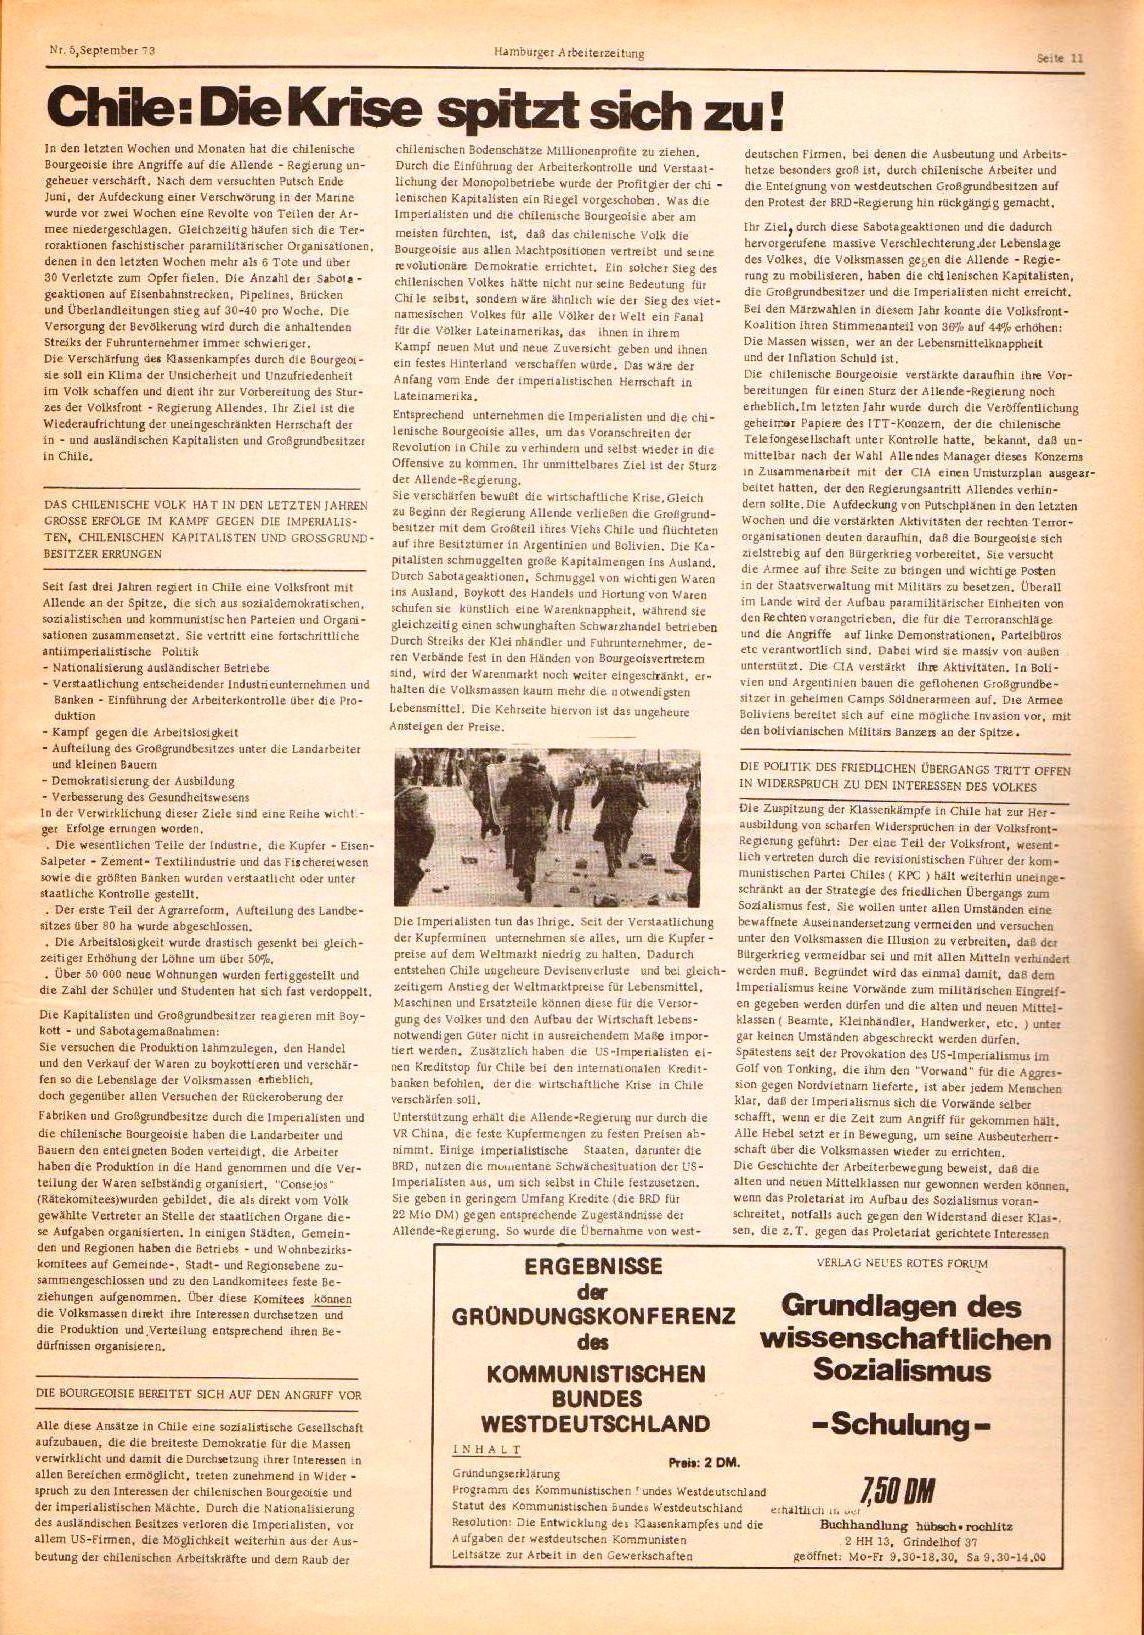 Hamburger_Arbeiterzeitung088